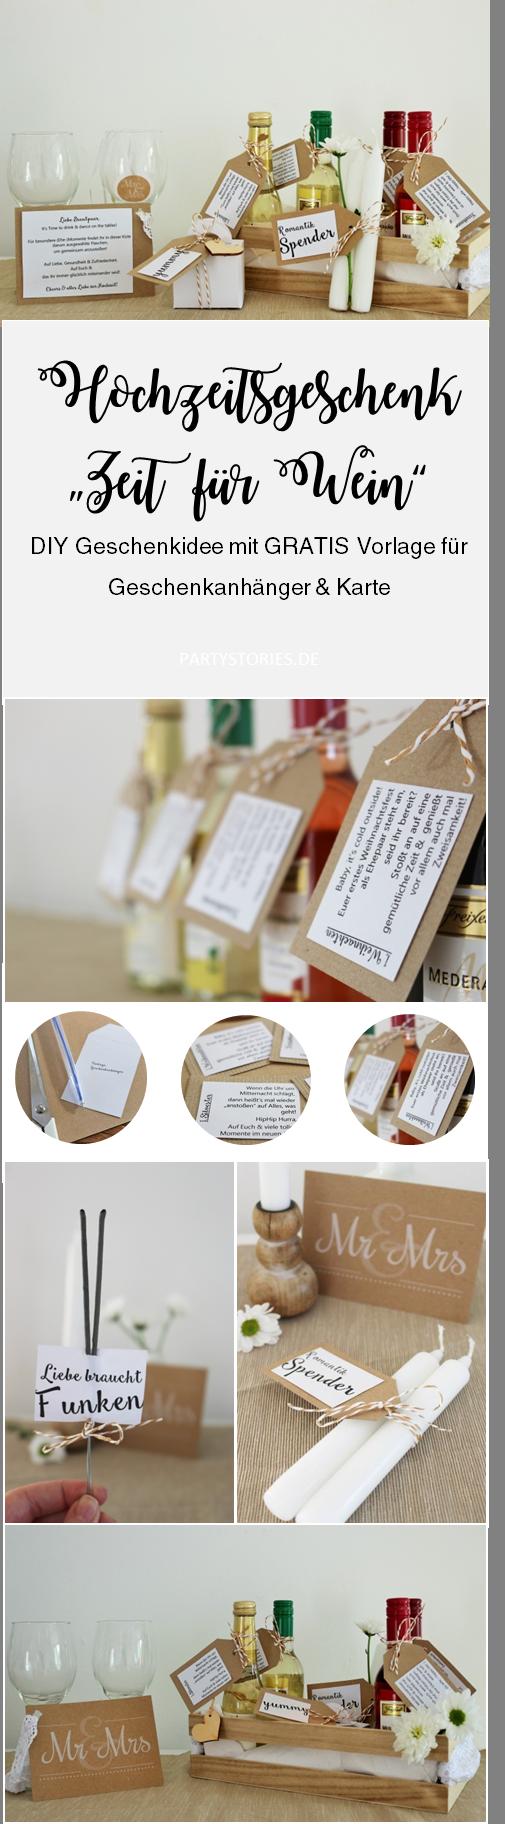 """Bild: Zitat """"Time for Wine"""", schöne DIY Geschenkidee mit Wein zur Hochzeit samt Freebie/Printable für Geschenkanhänger von www.partystories.de"""